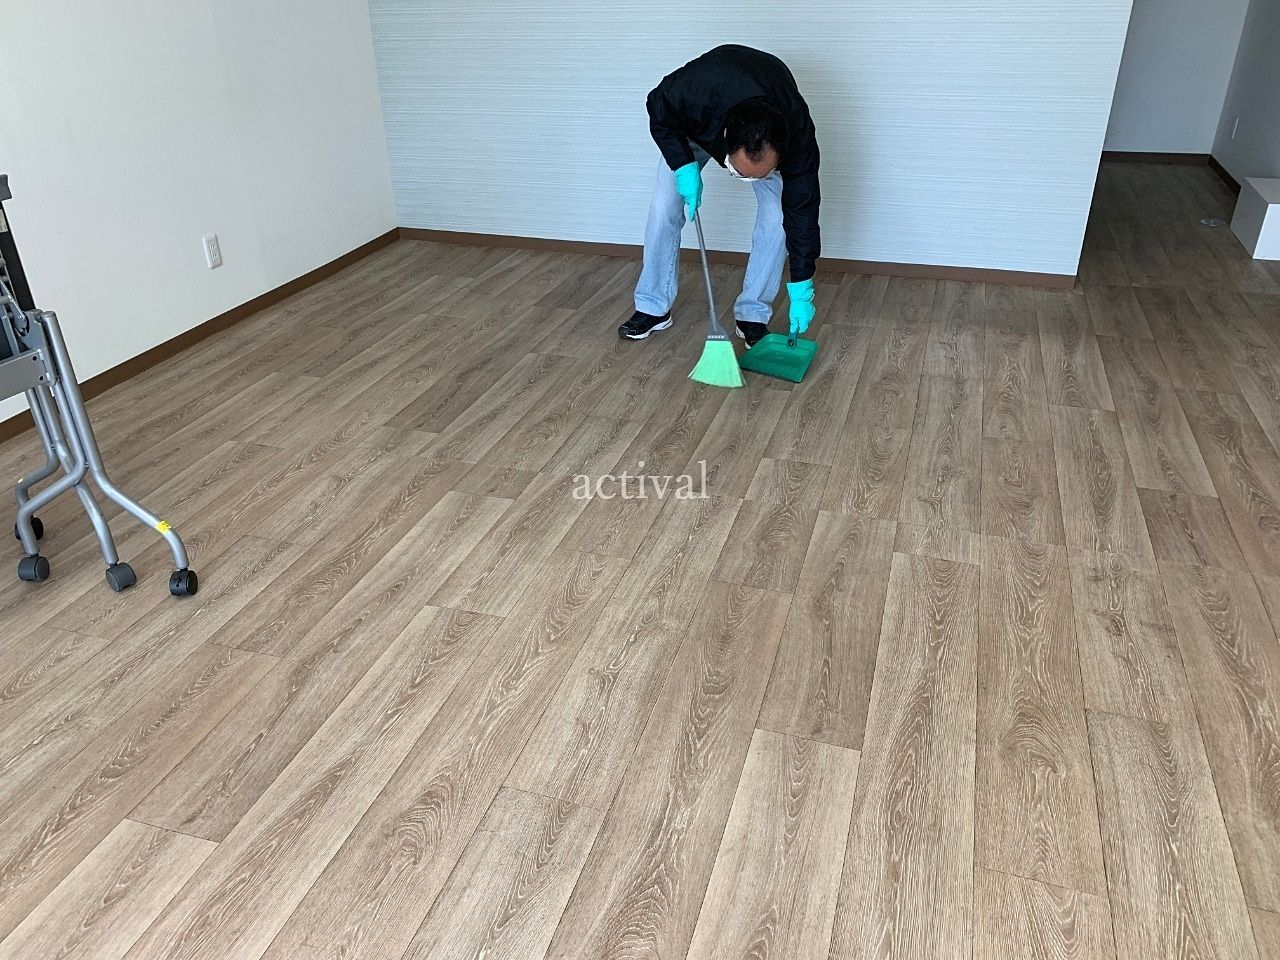 ア・ス・ヴェルデ週貸し店舗内の掃き掃除をしました!